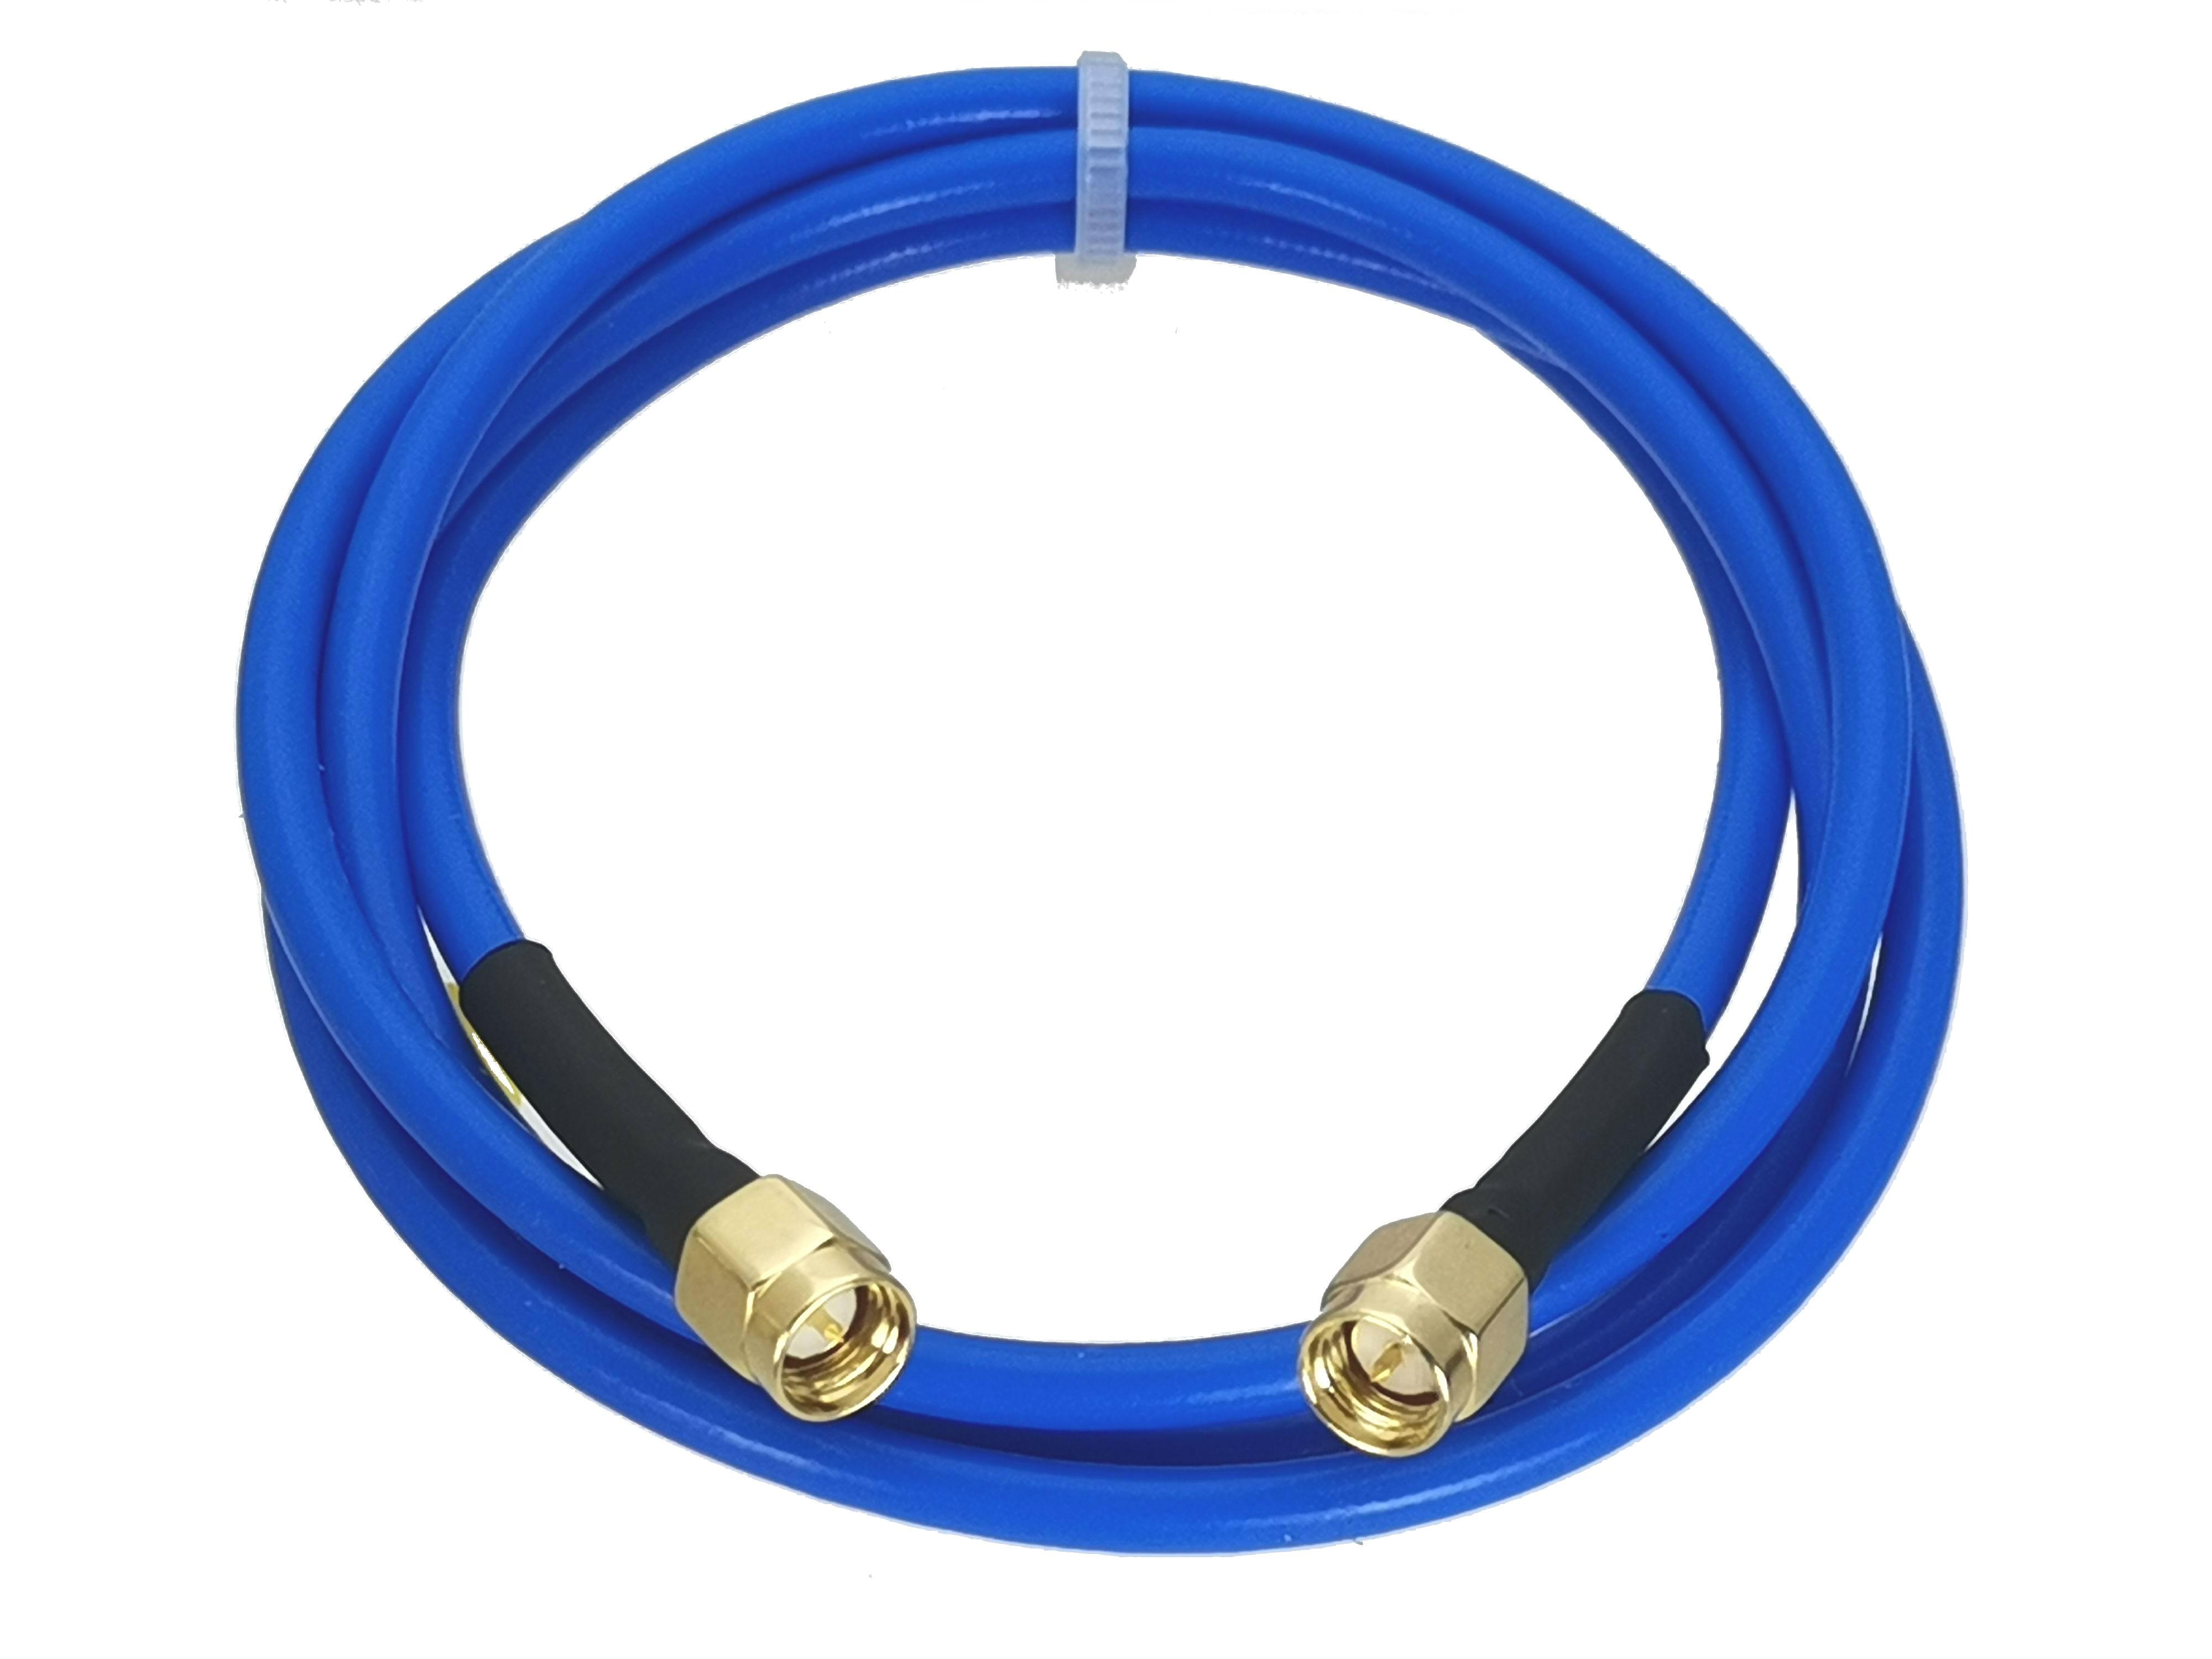 1 шт. SMA штекер к SMA штекеру RG402 0,141 дюйма синий кабель гибкий отрезок 4 дюйма ~ 20 м RF коаксиальный разъем